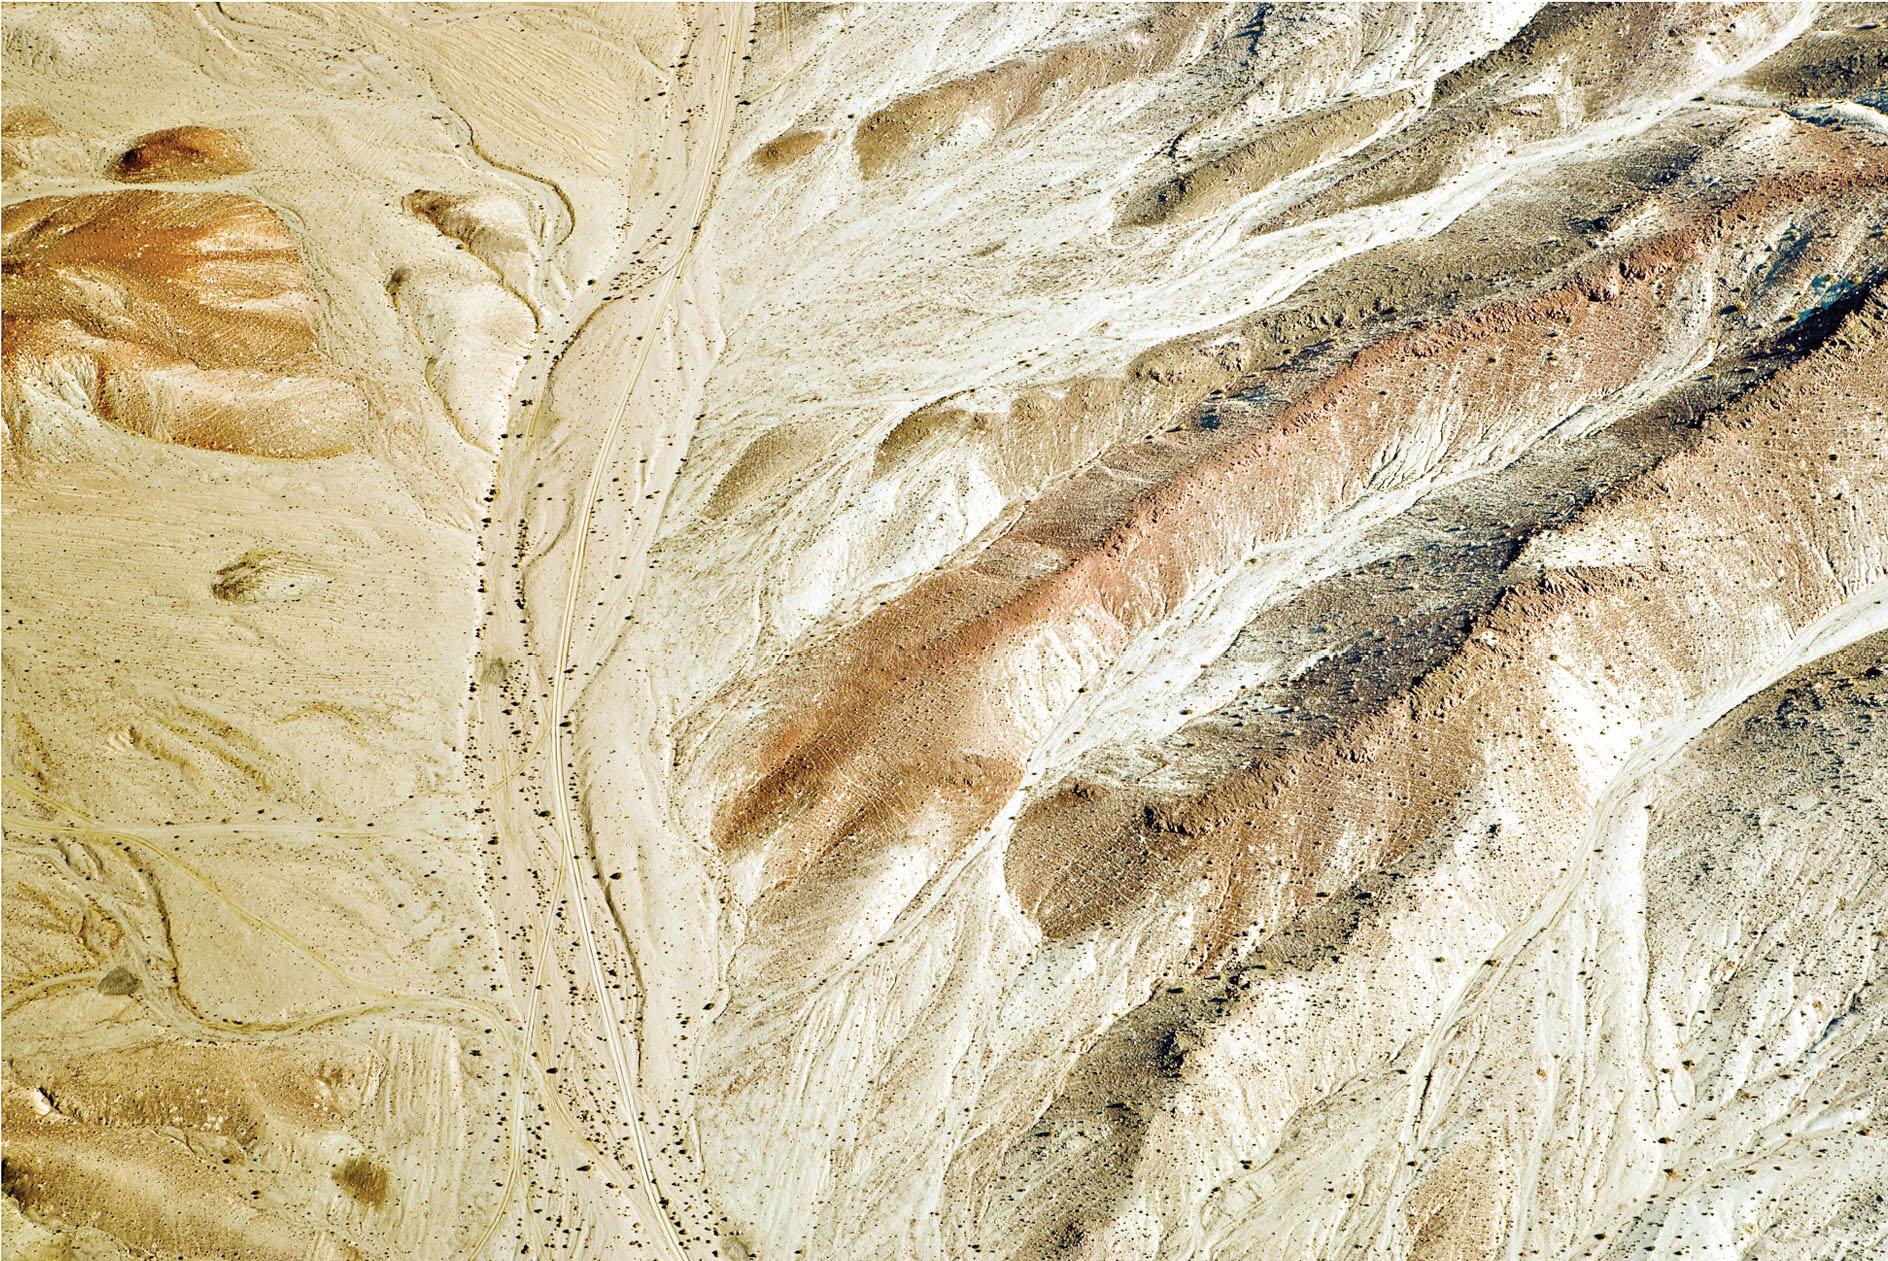 Wadi Rum #239